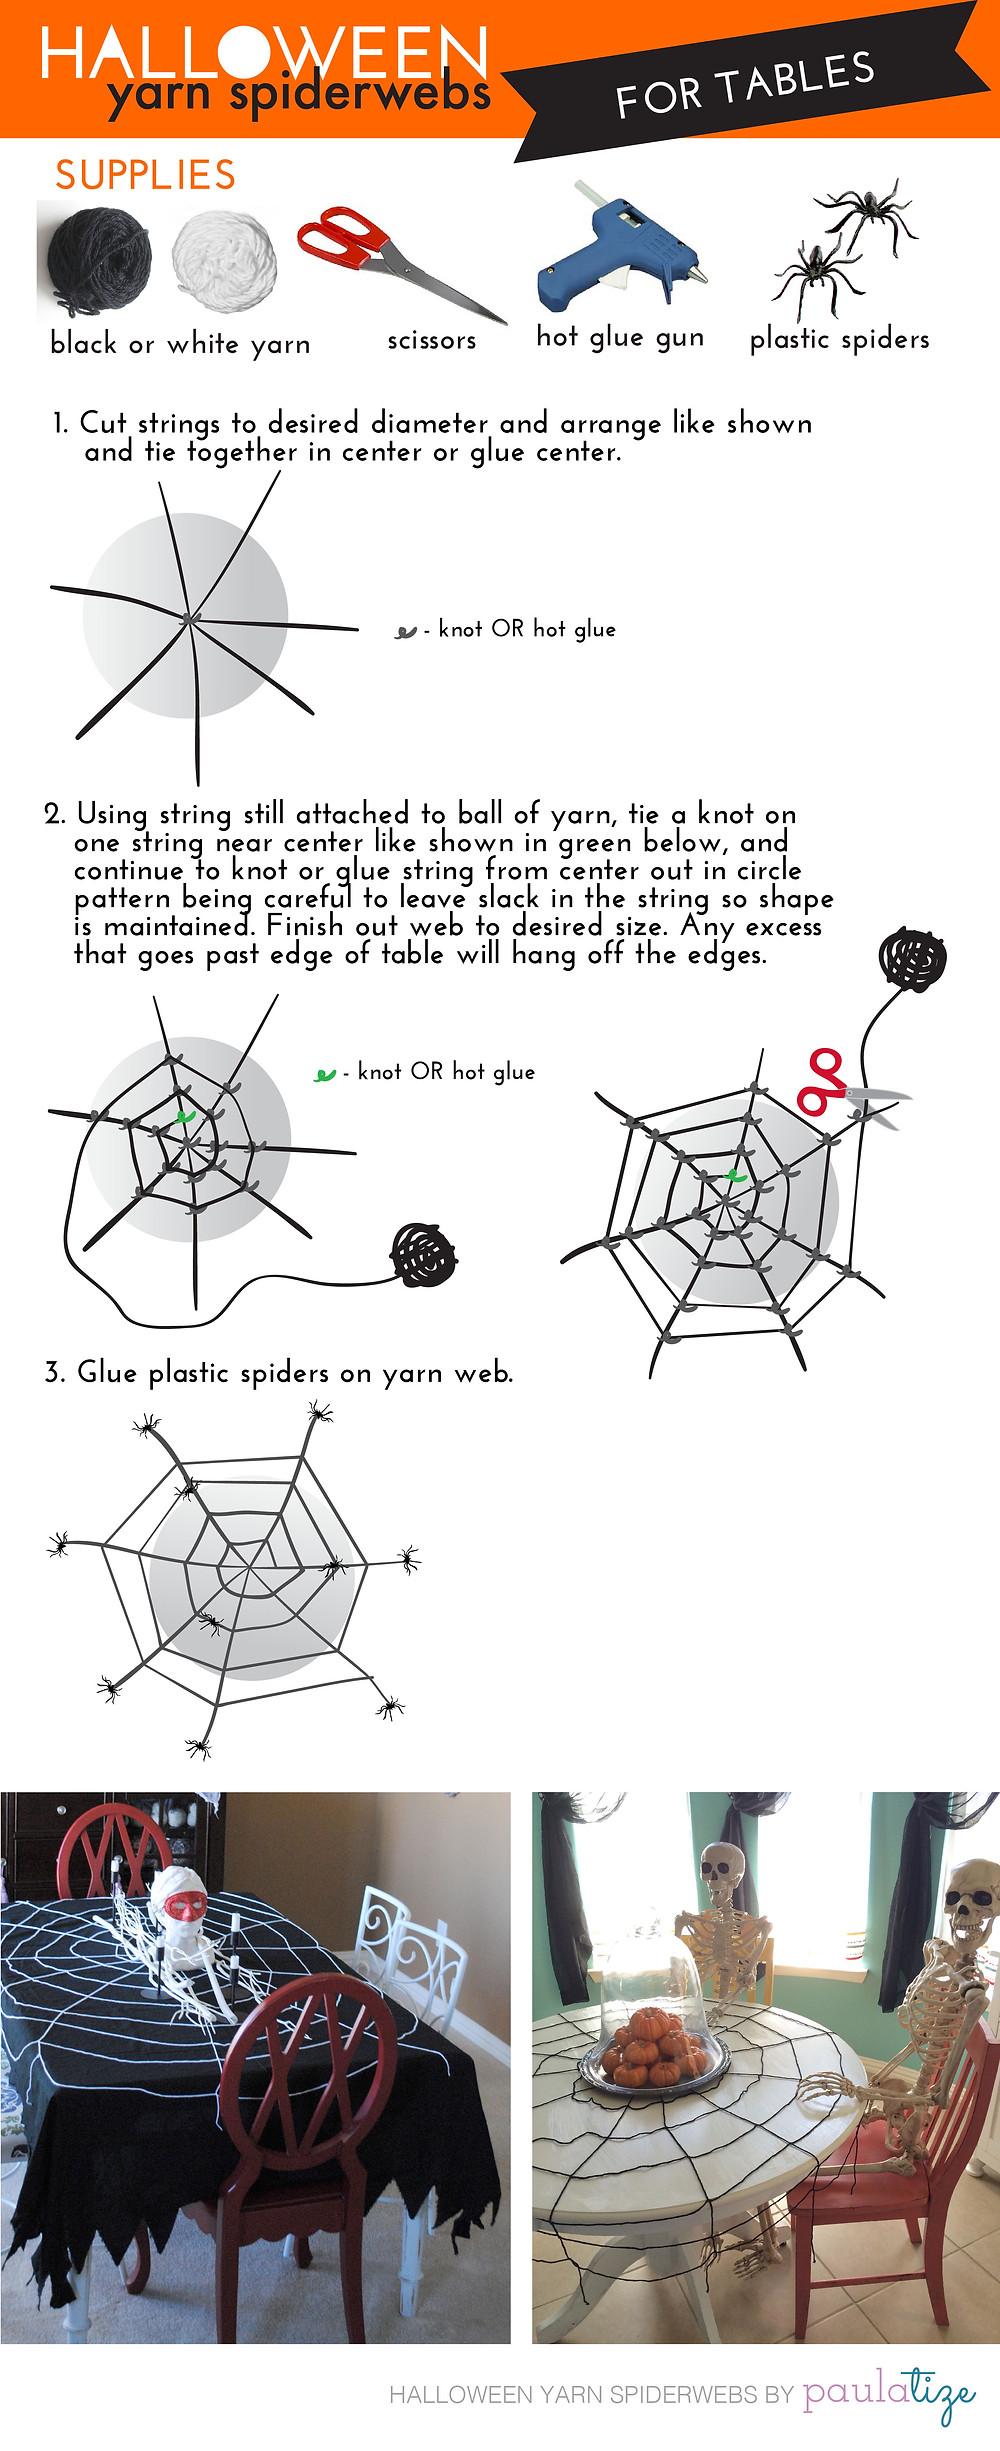 HalloweenDIY-YarnSpiderwebs1.jpg